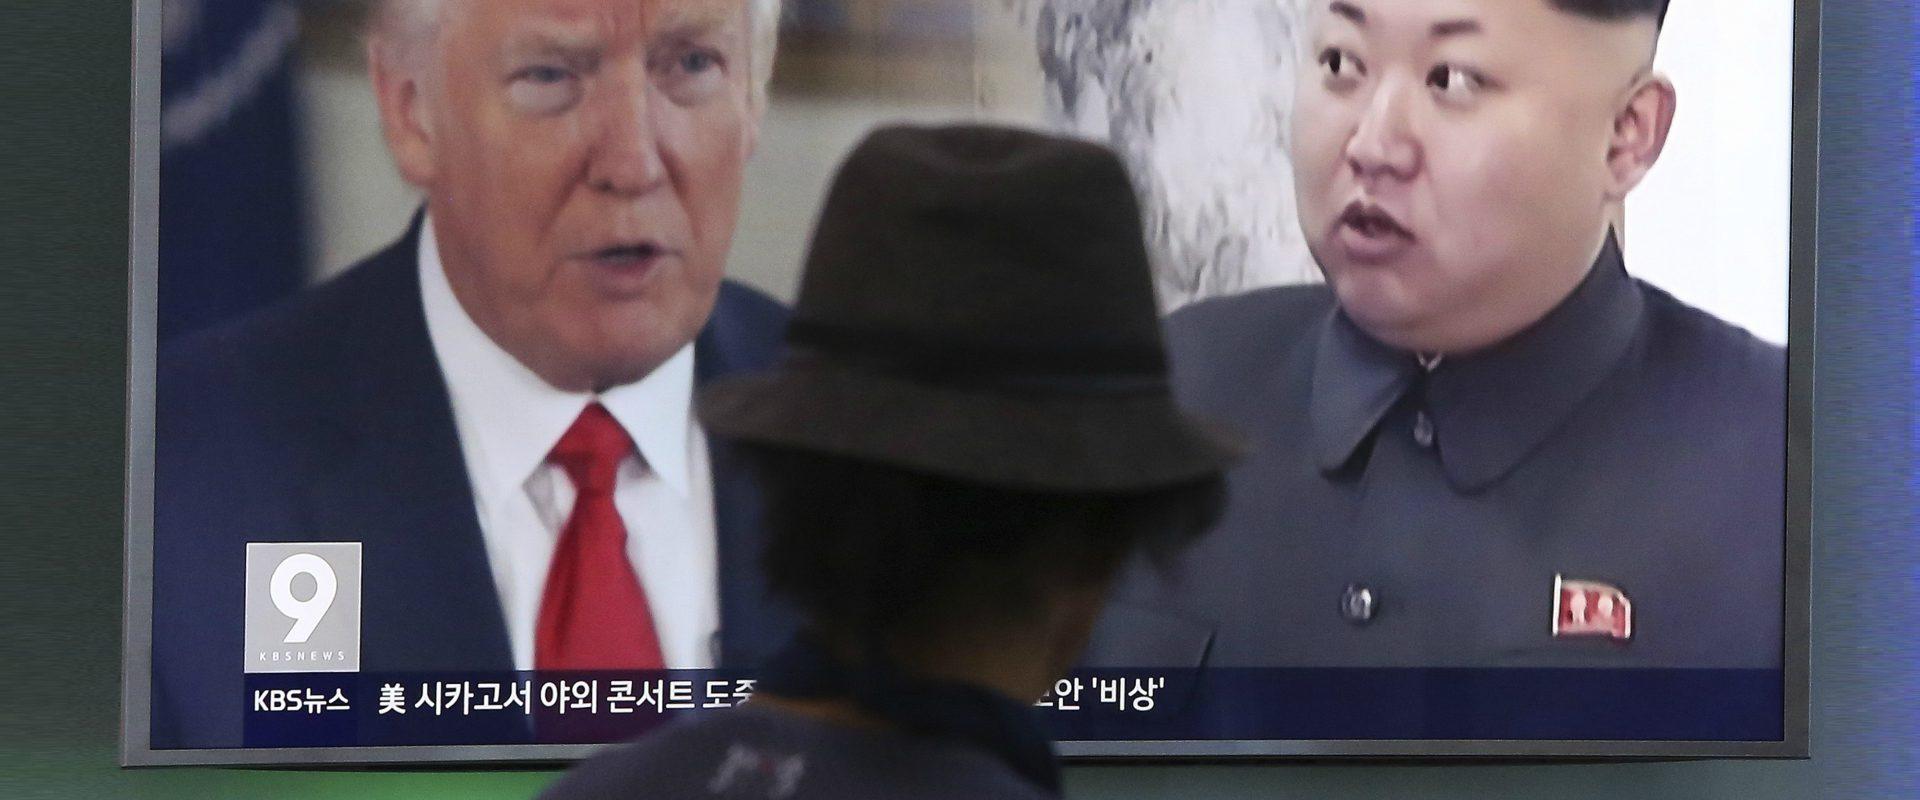 קים ג'ונג איל ודונאלד טראמפ